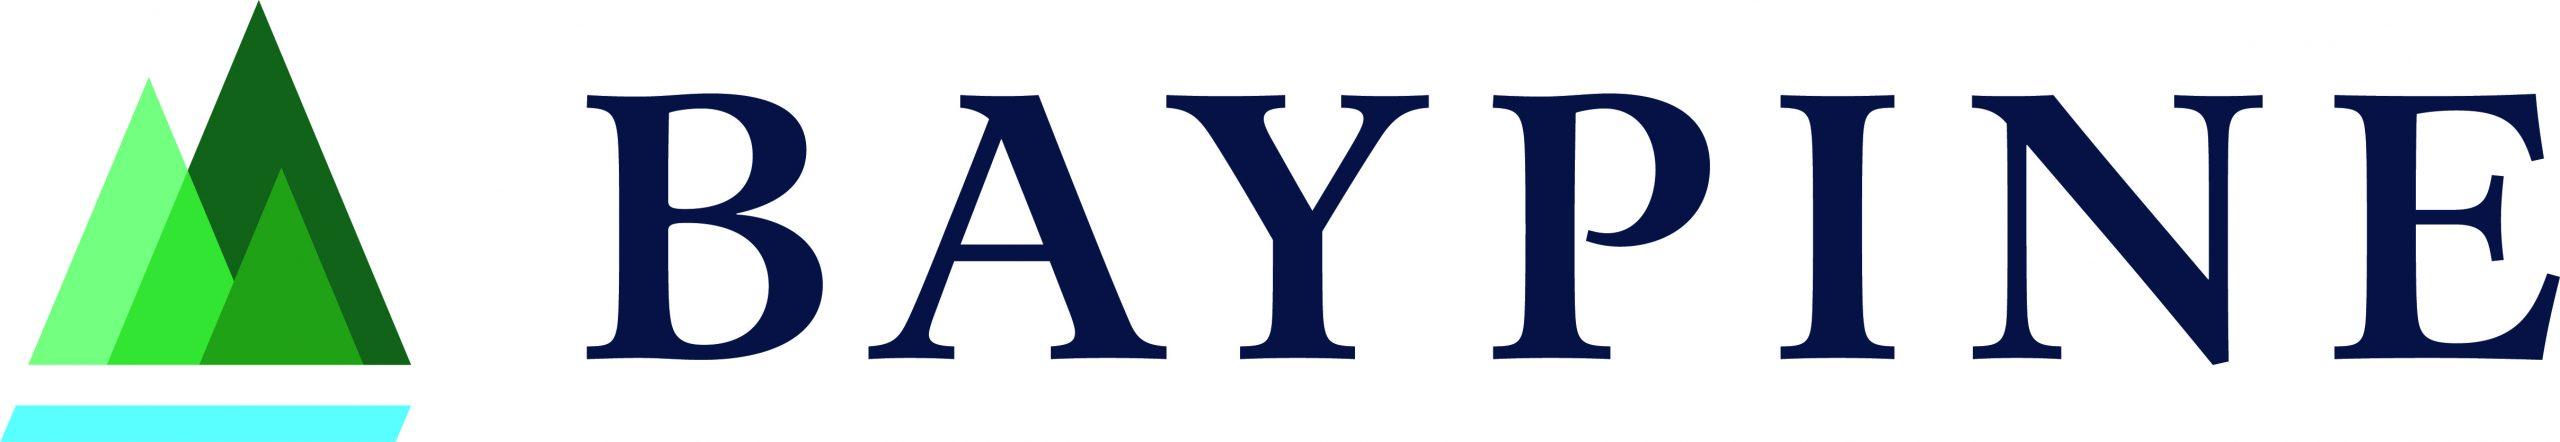 BayPine